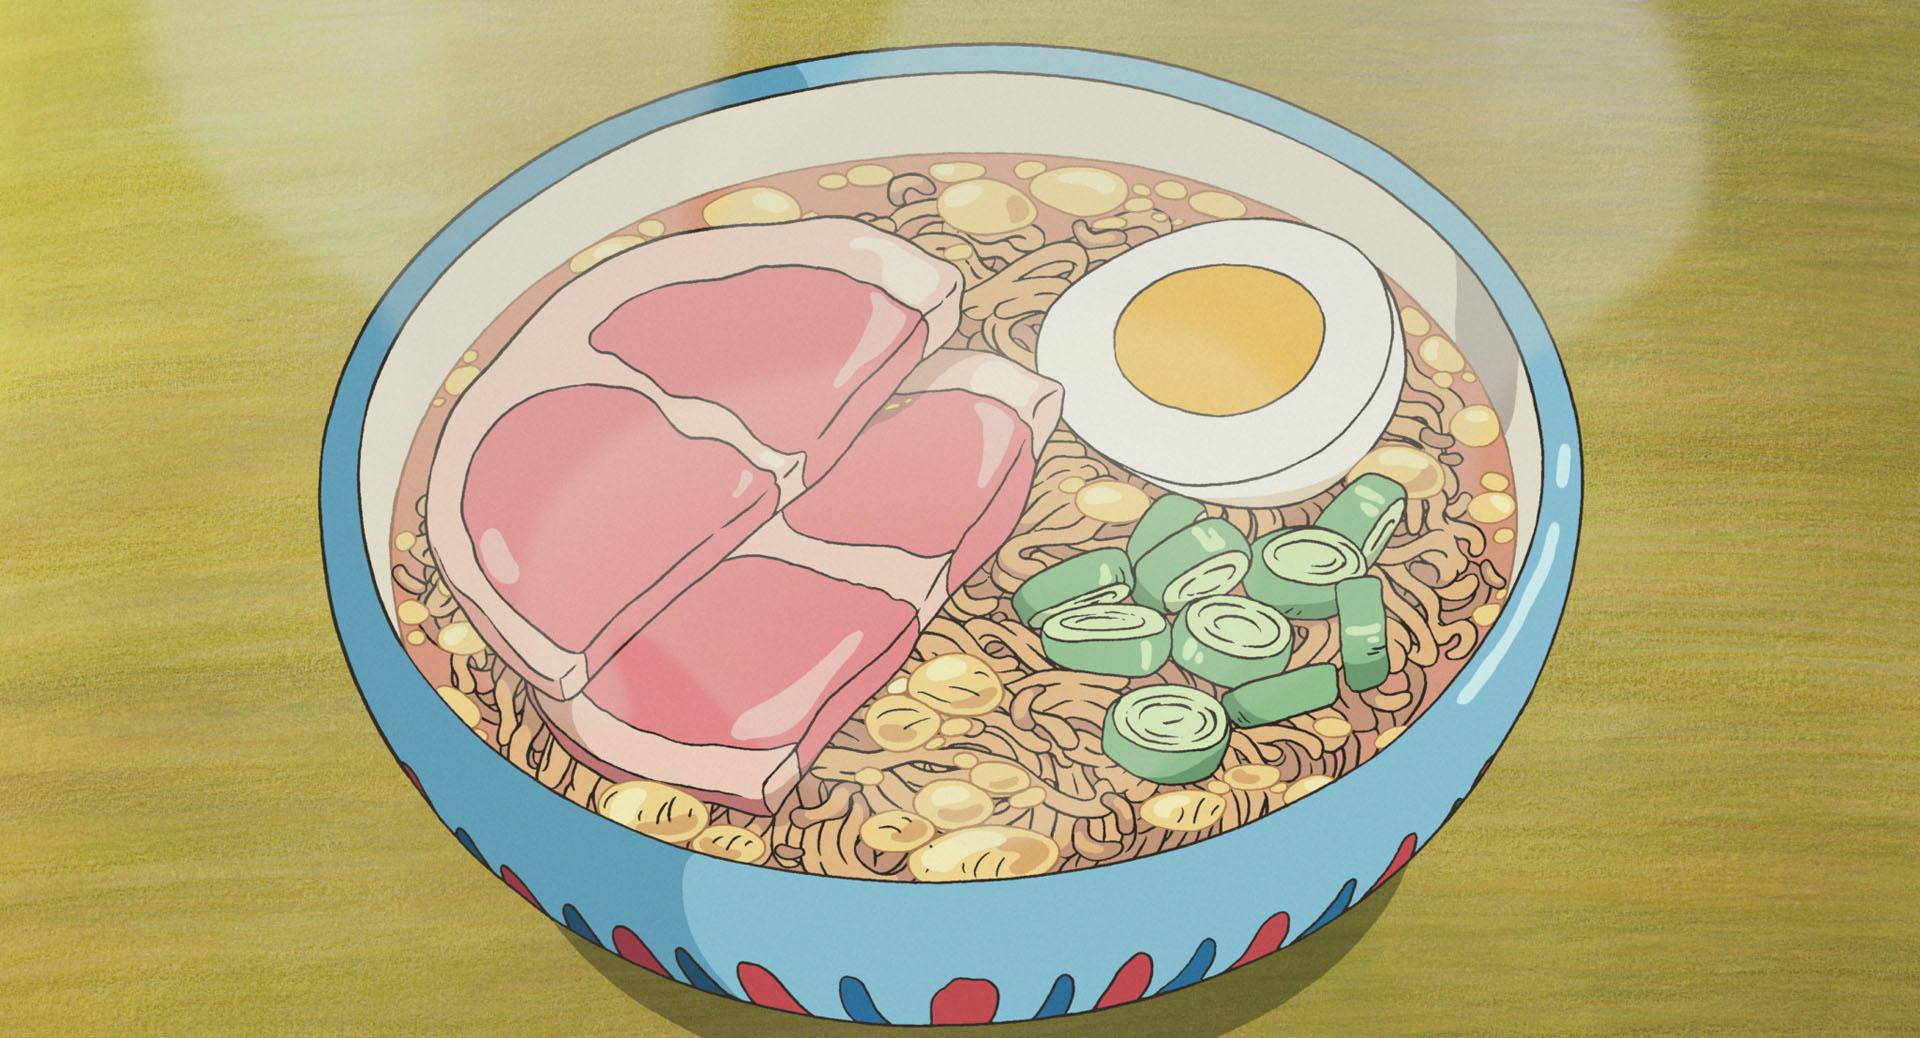 A close-up of a bowl of ramen in a Studio Ghibli movie